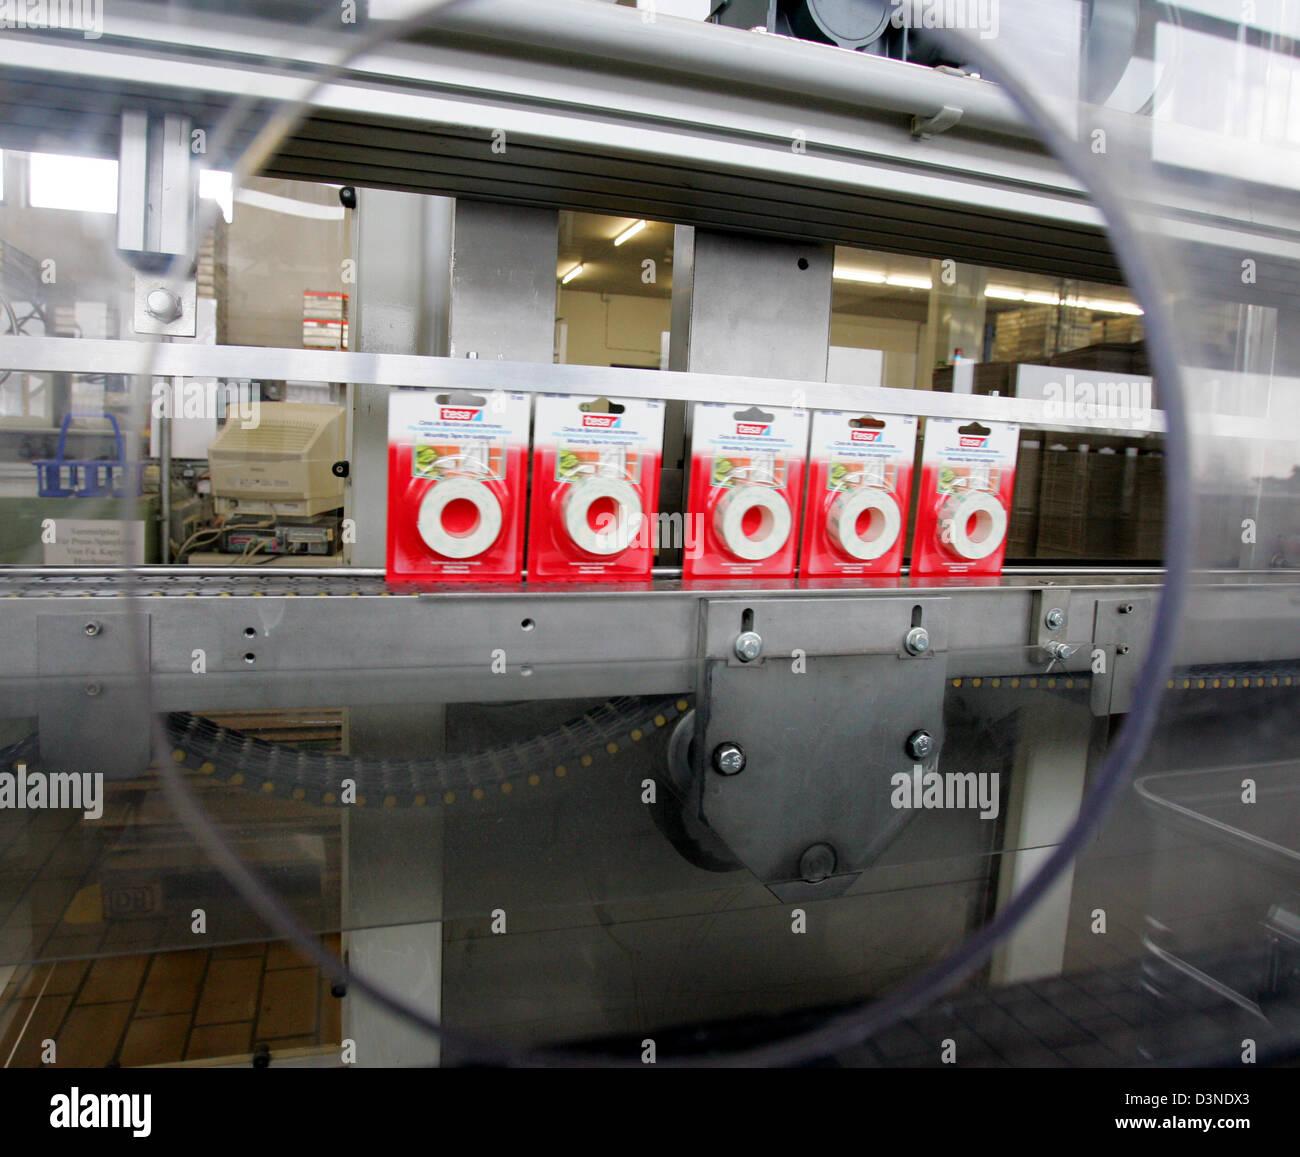 Tesa Deutschland das bild zeigt tesafilm klebeband pakete auf einem förderband der